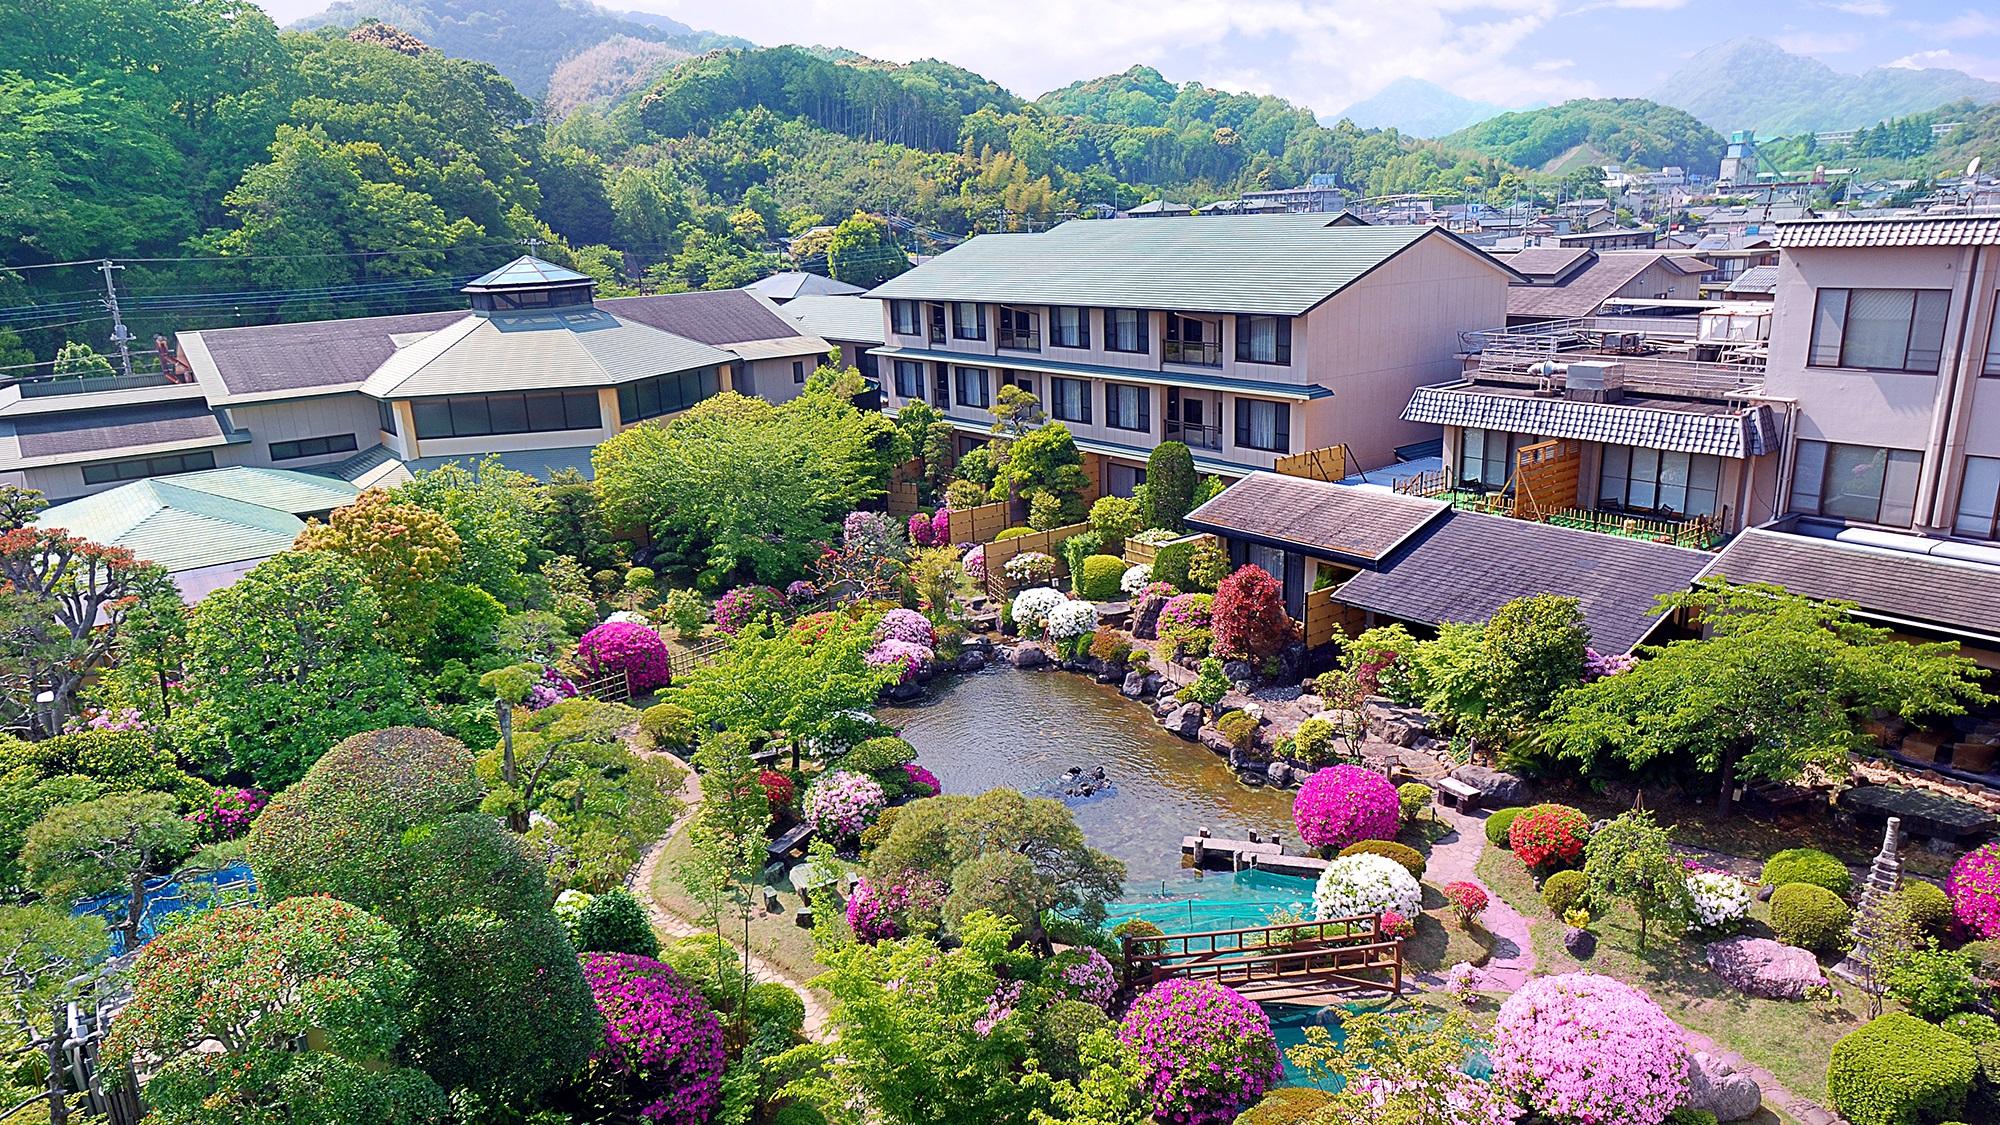 【静岡県】いちご狩りデートの帰りに絶景露天風呂でゆっくりしたい♪カップルにおすすめの宿は?